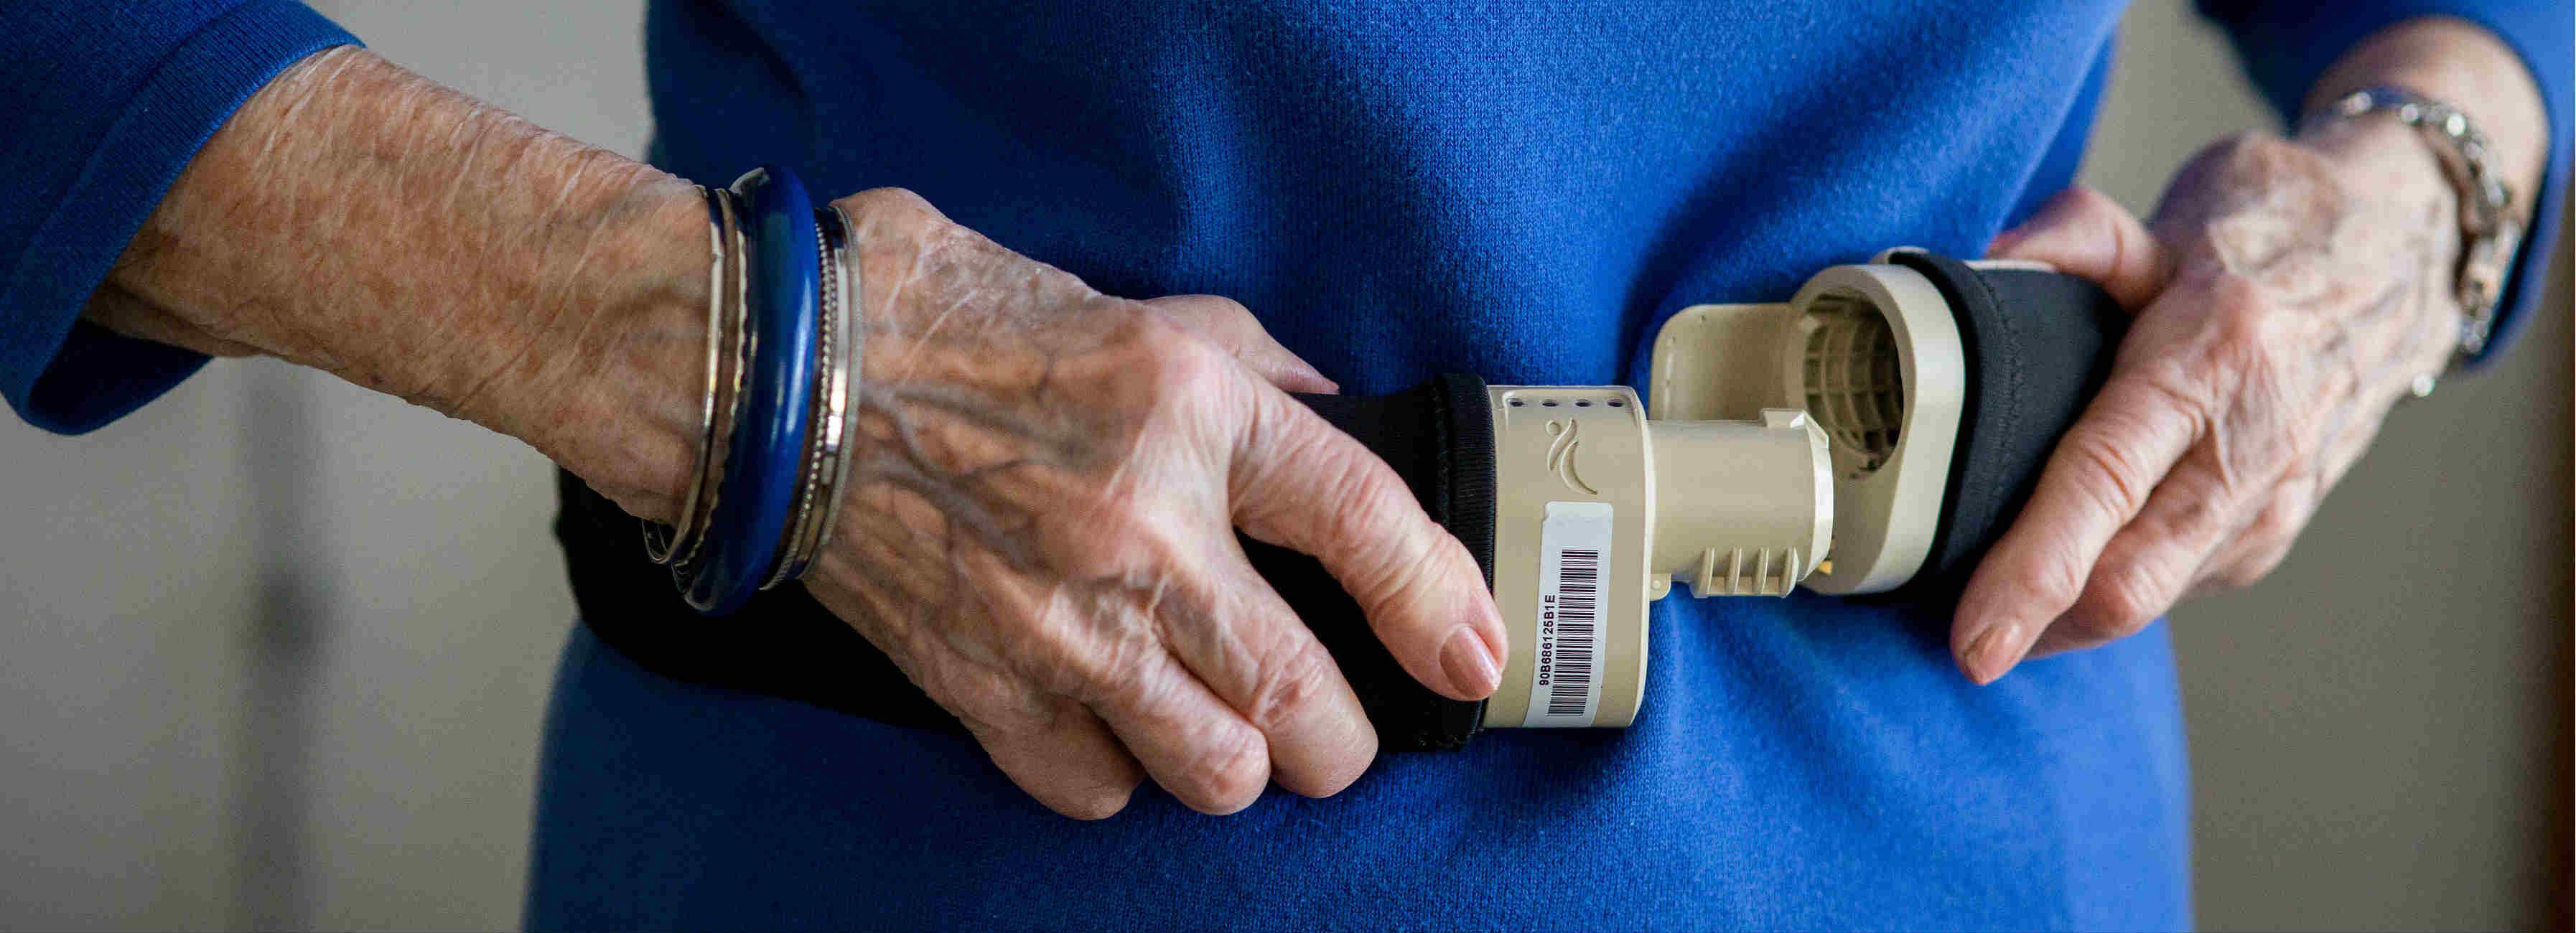 fall-prevention-seniors.jpg